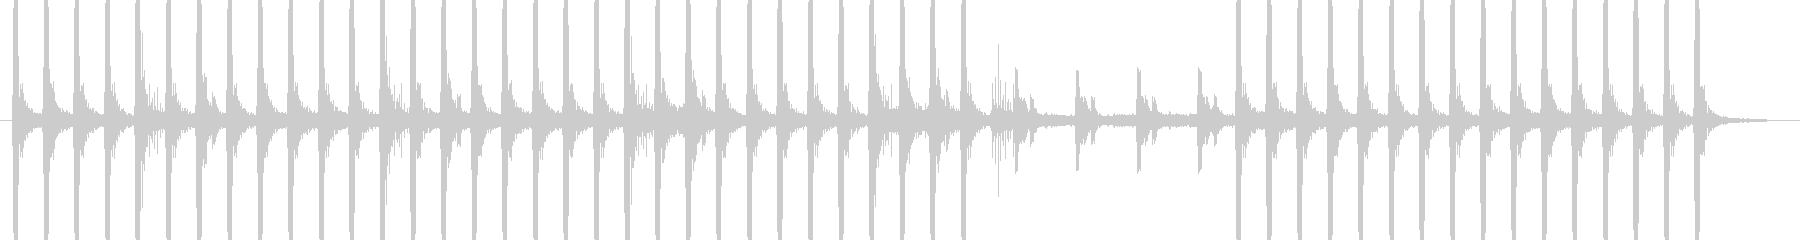 怪しいBGMの未再生の波形